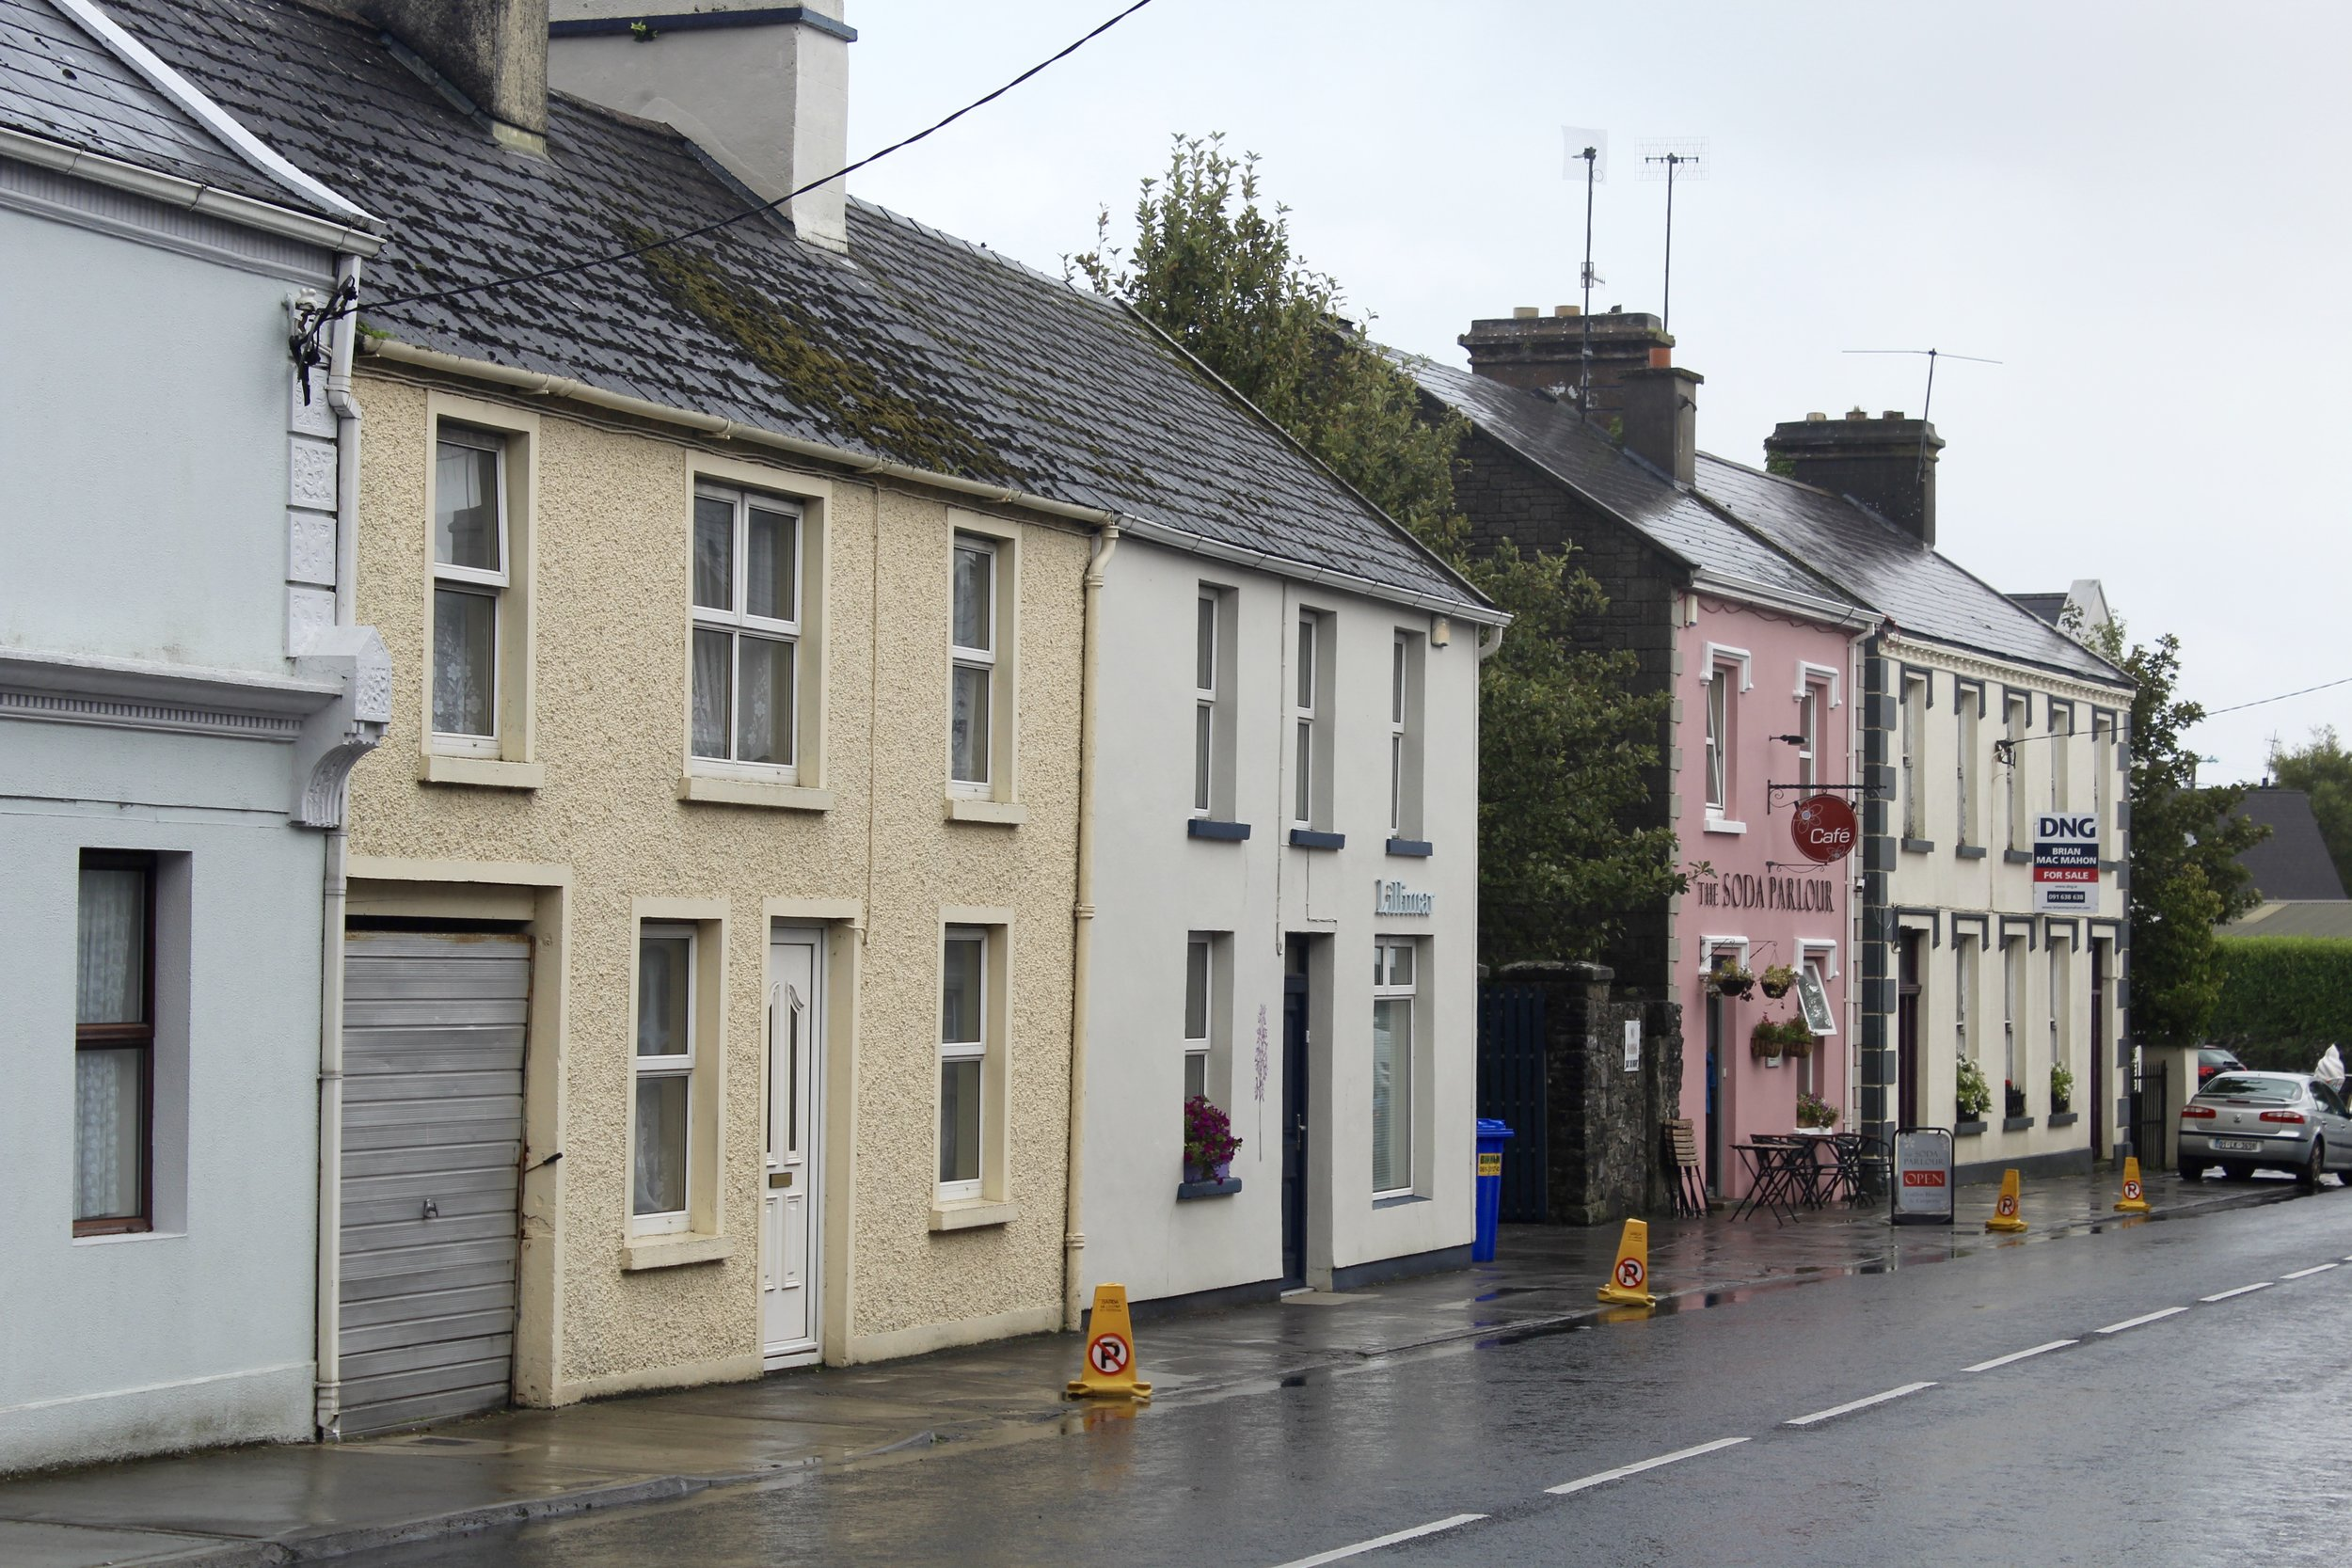 Buildings in Ballyvaughan